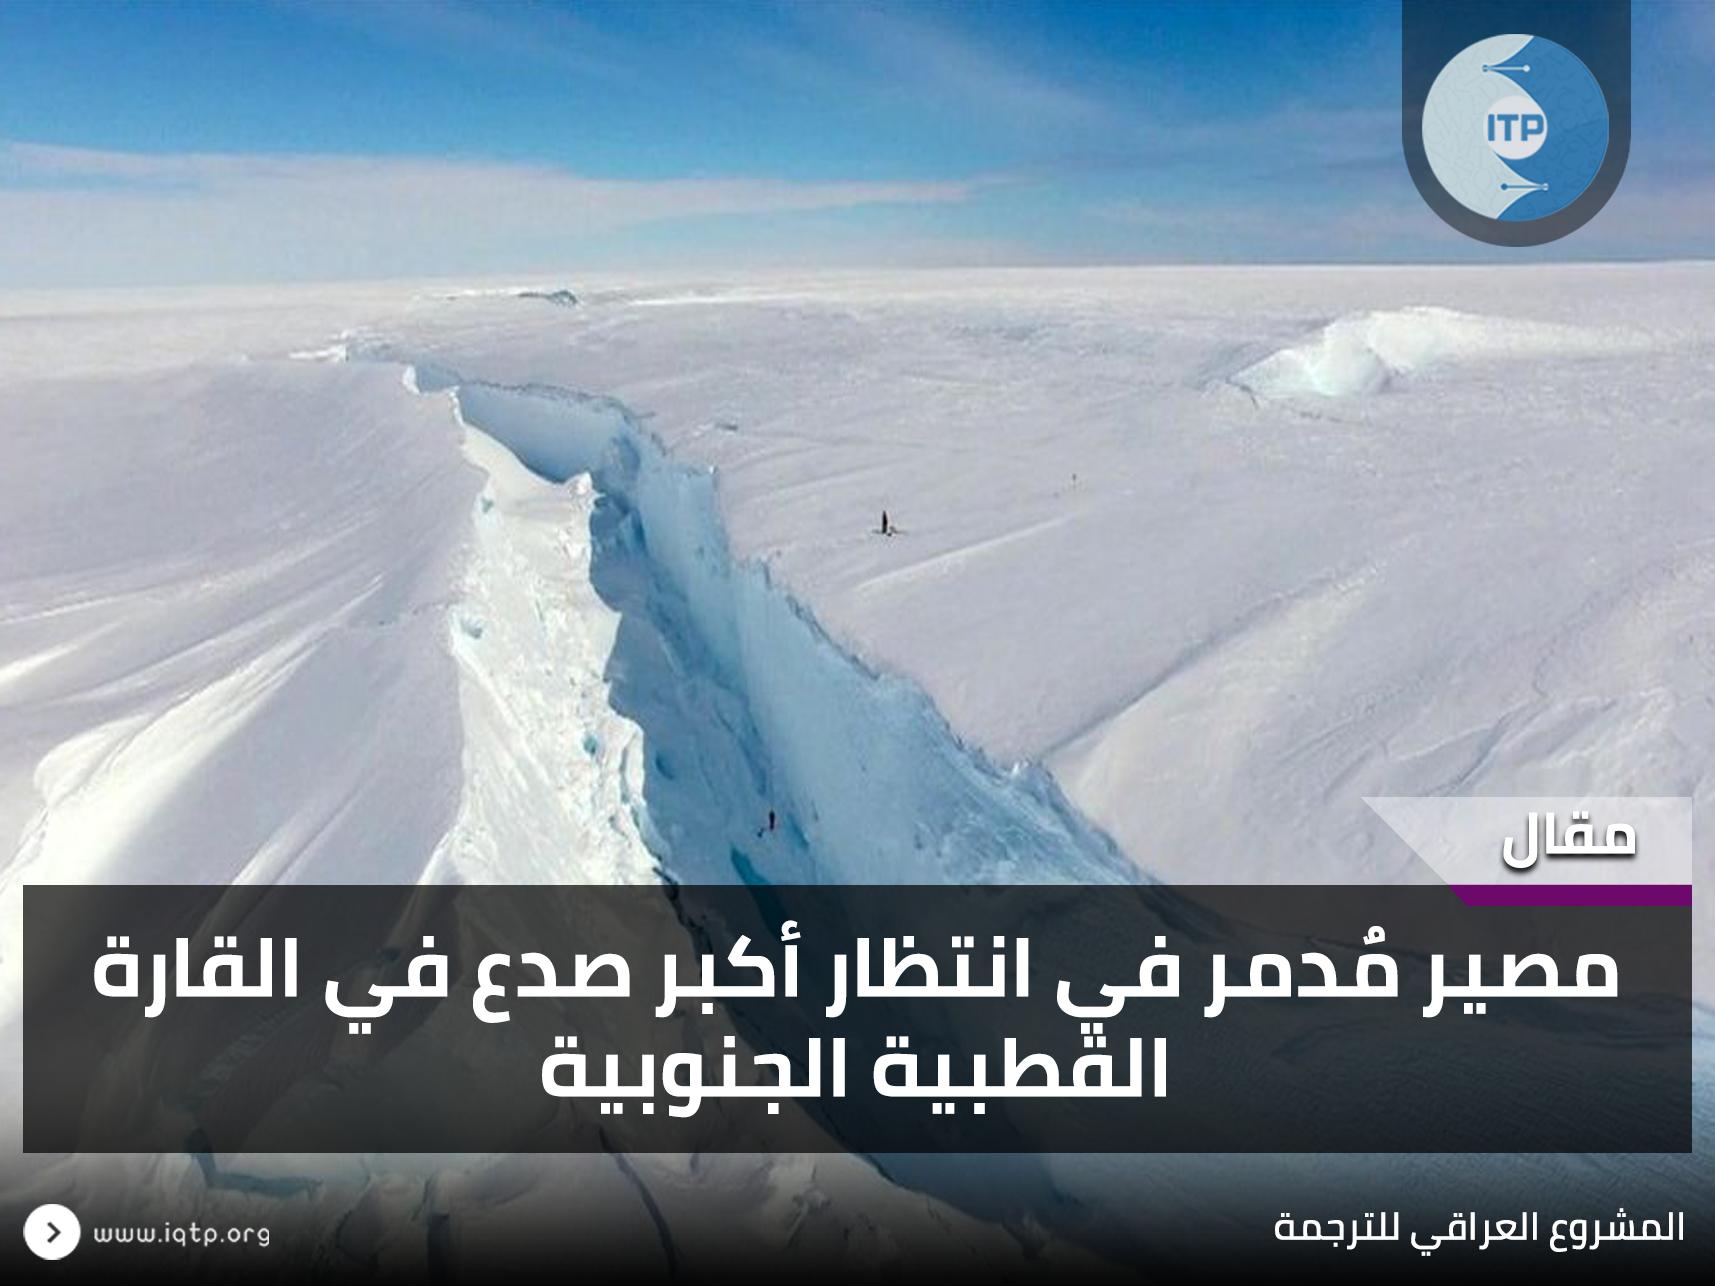 مصير مُدمر في انتظار أكبر صدع في القارة القطبية الجنوبية